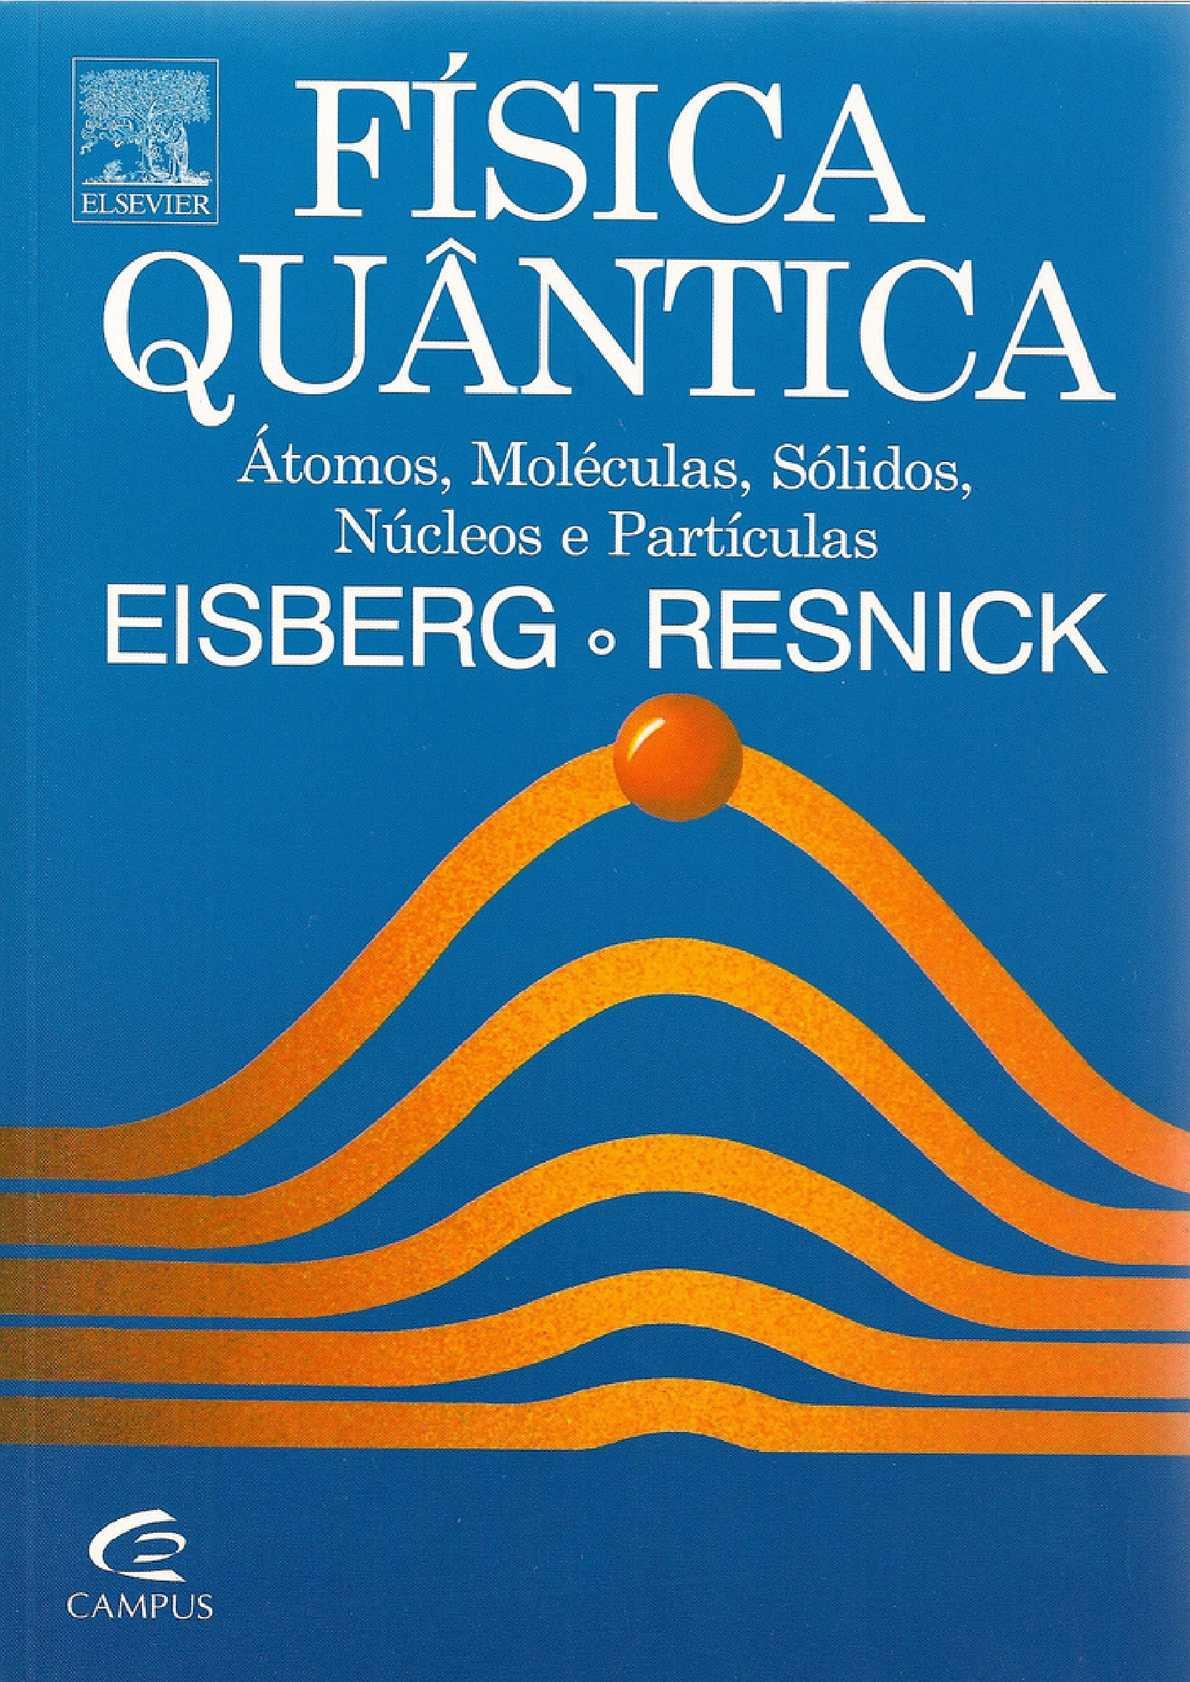 Resultado de imagem para imagens de livros o ser quantico